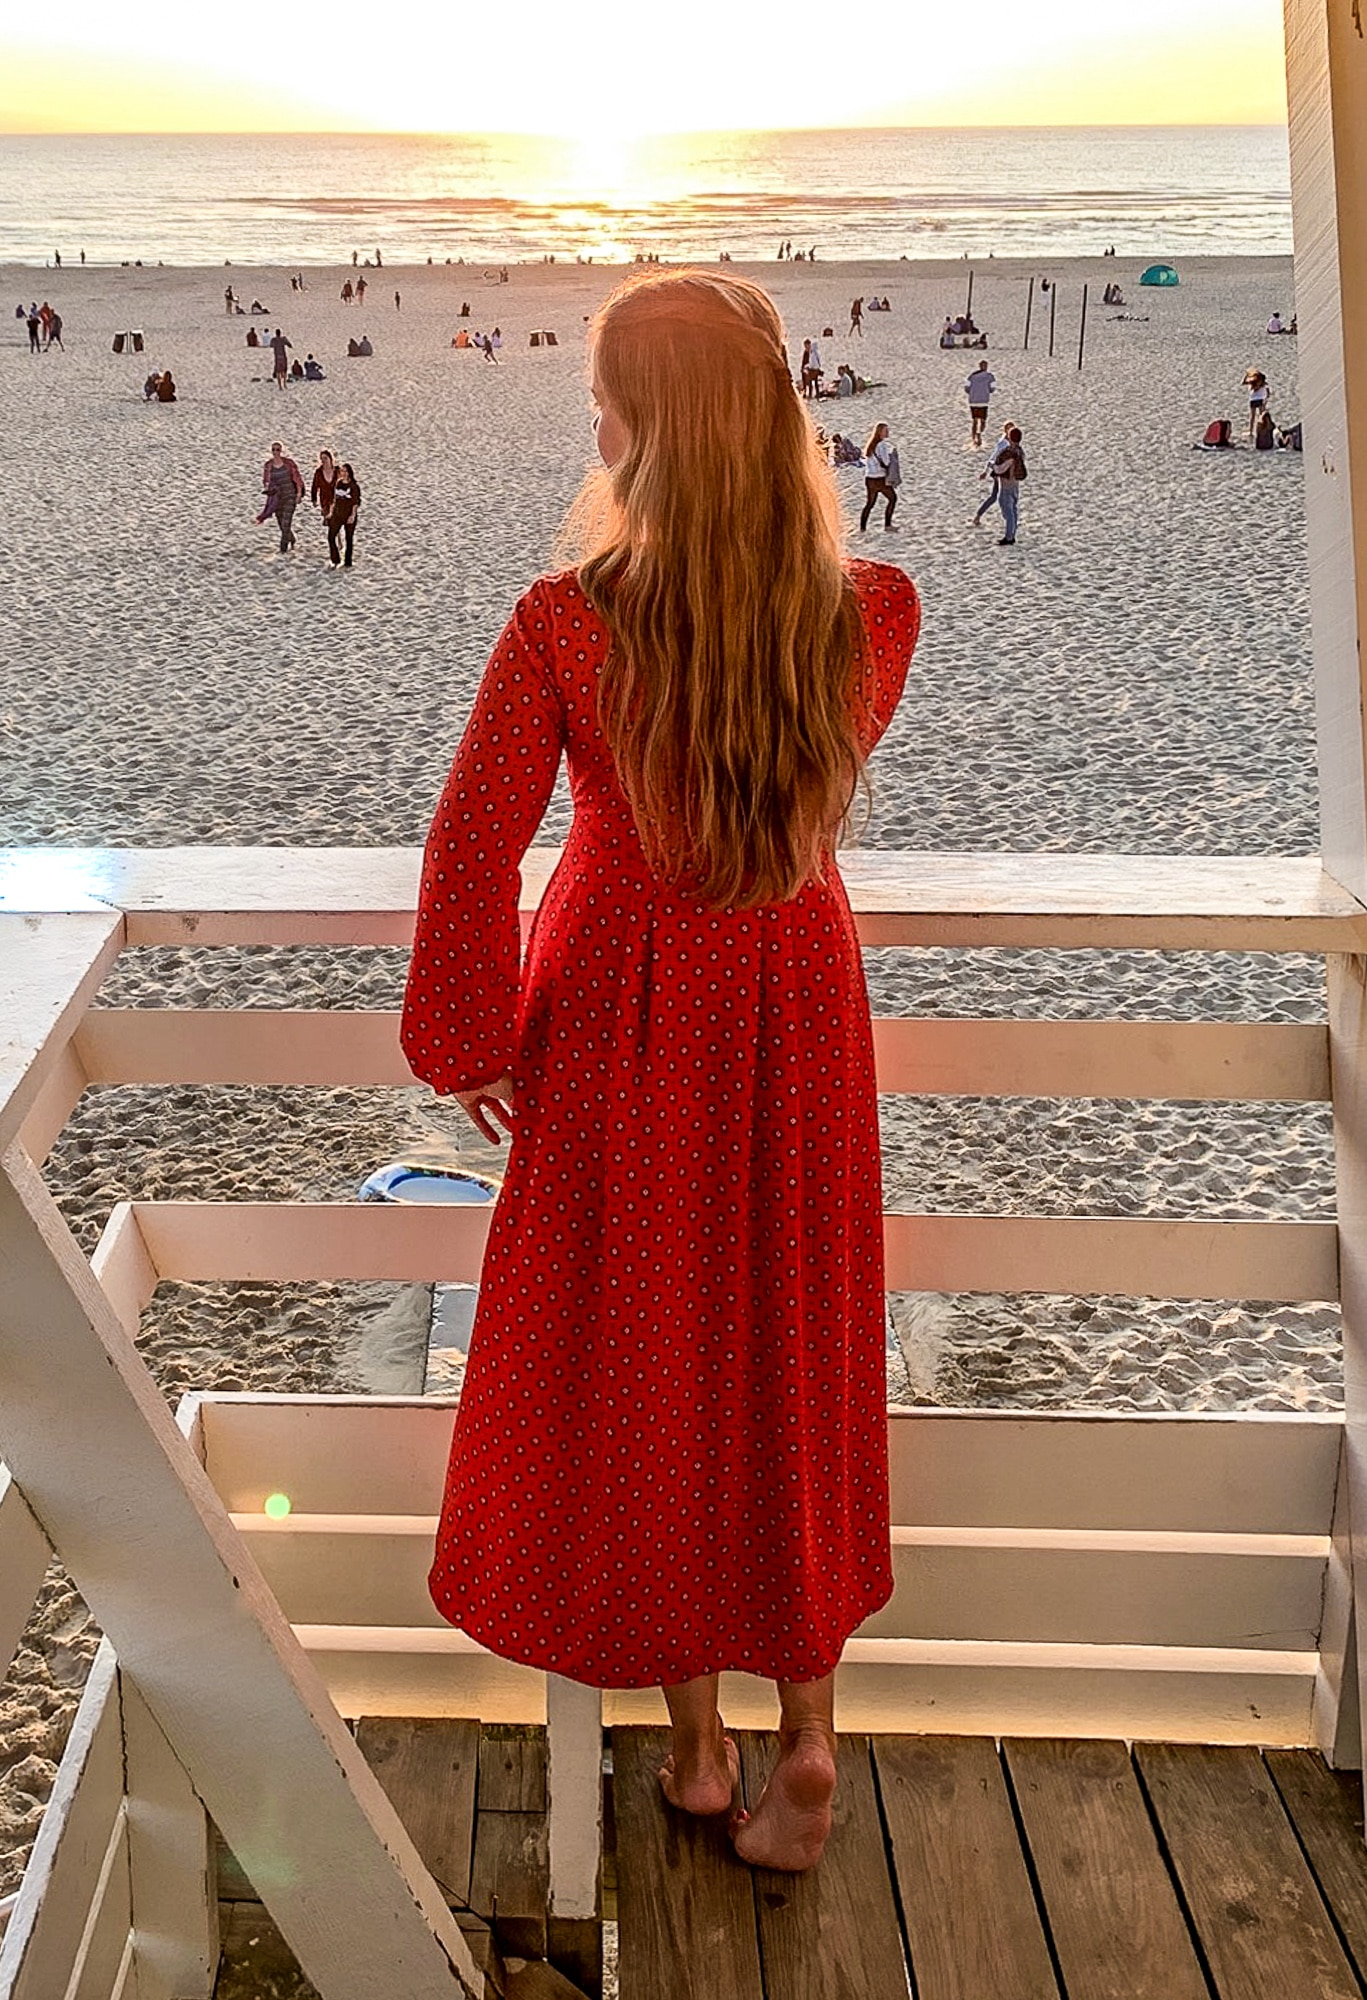 Moliets et Maa: Strand zum Sonnenuntergang